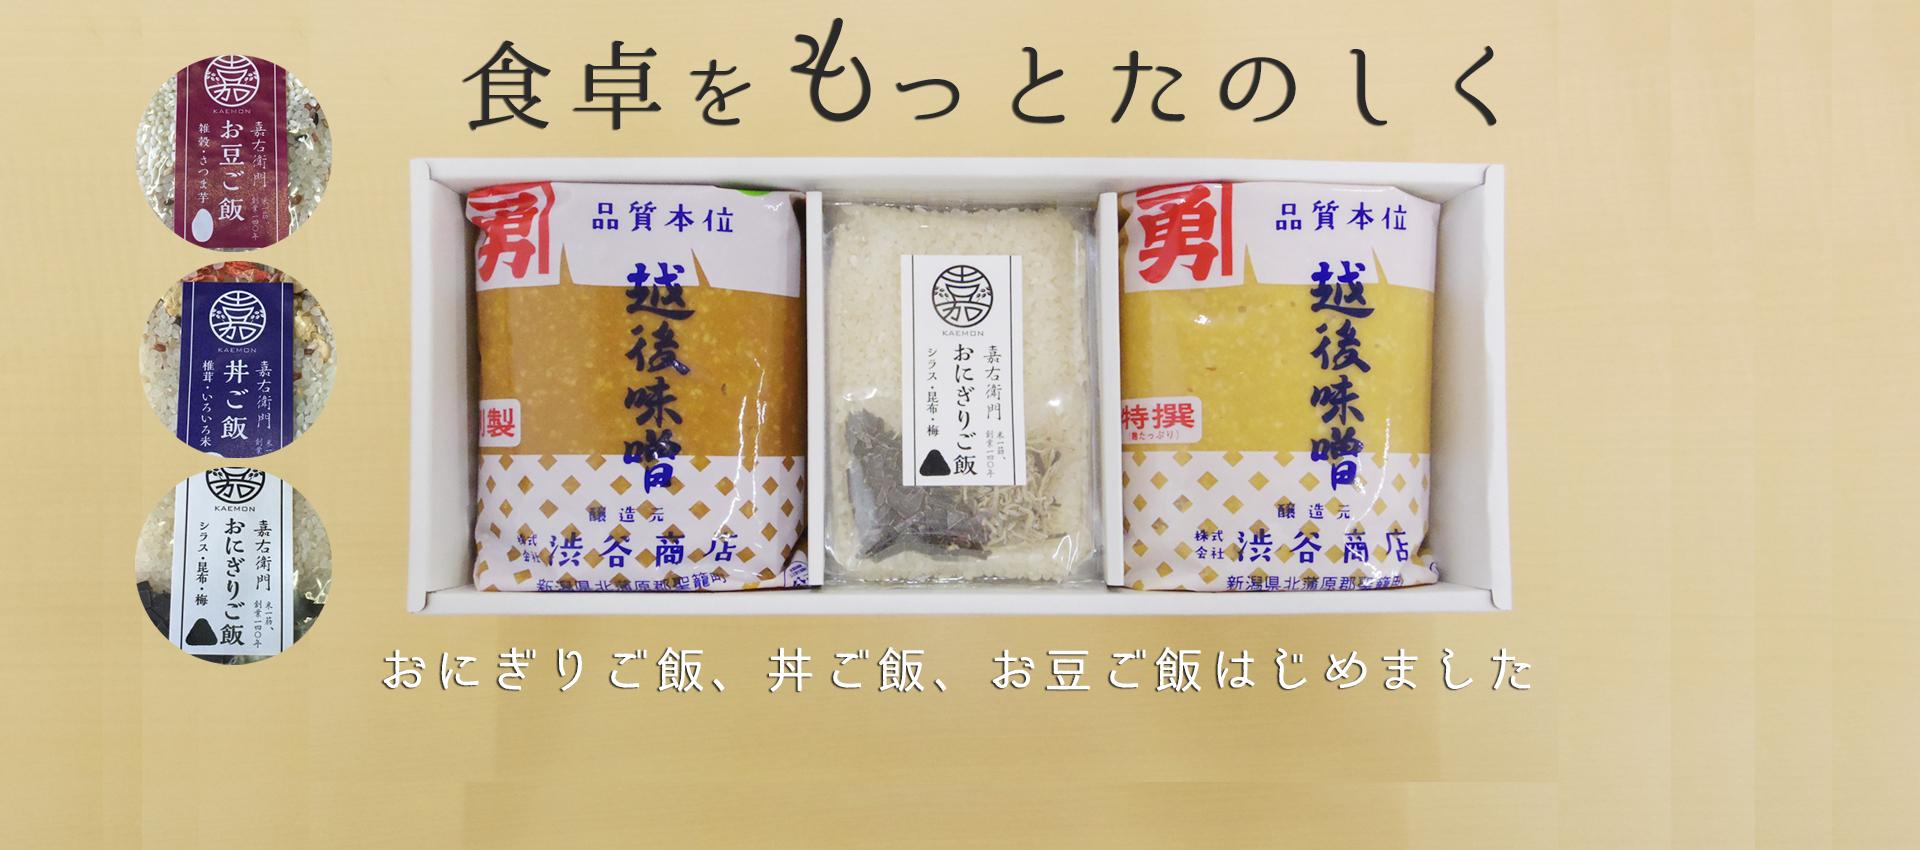 新潟名産シブヤみそ【渋谷商店】-越後味噌醸造元-